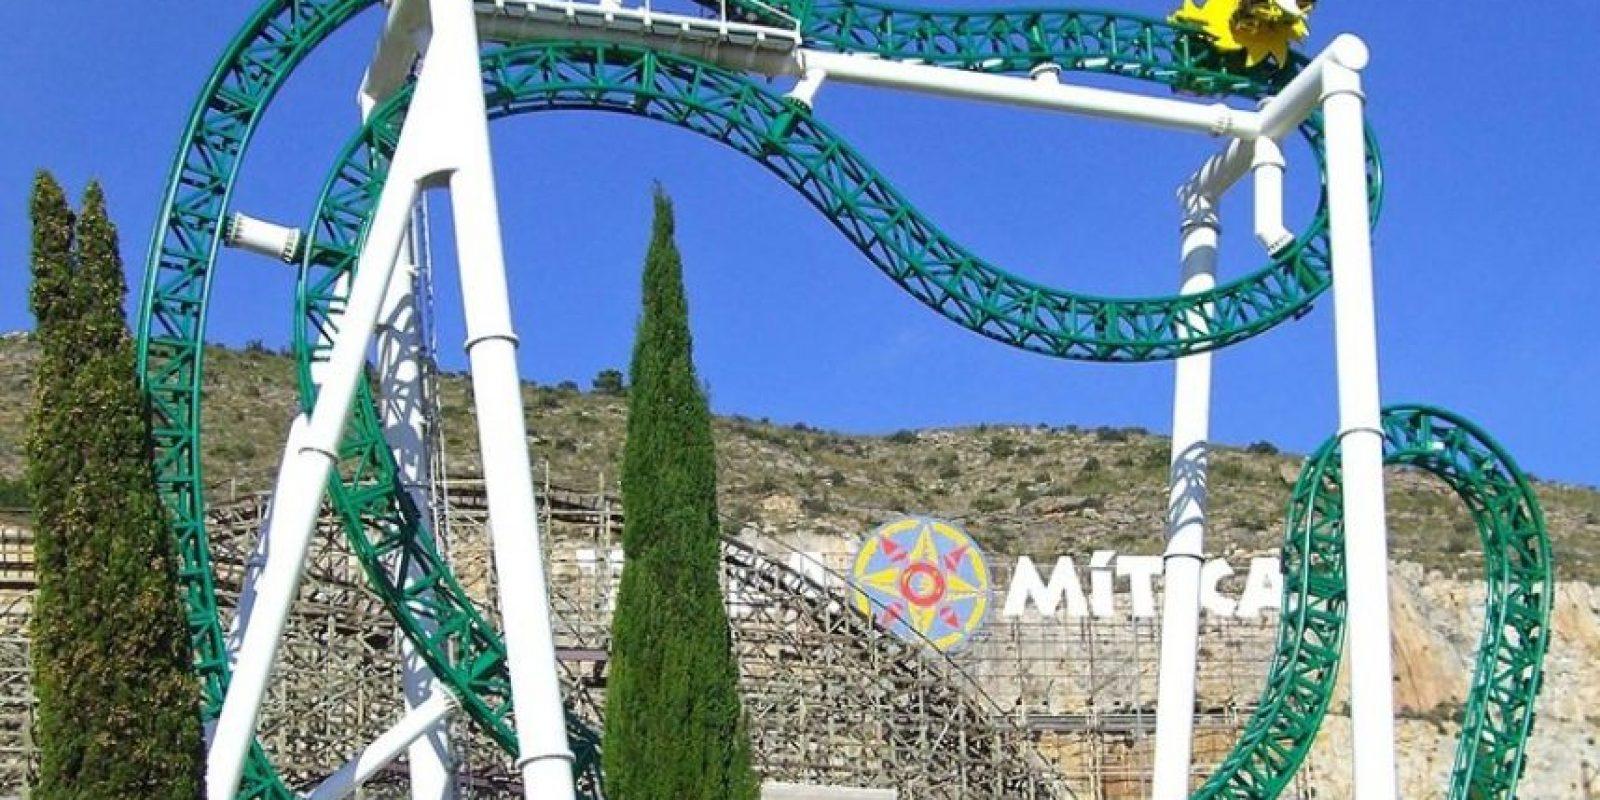 Parque: Terra Mítica. Localización: Benidorm, Alicante, España. Altura: 26 m. Velocidad: 60 km/h. Longitud: 142 m. Caída: 22 m. Foto:Wikimedia